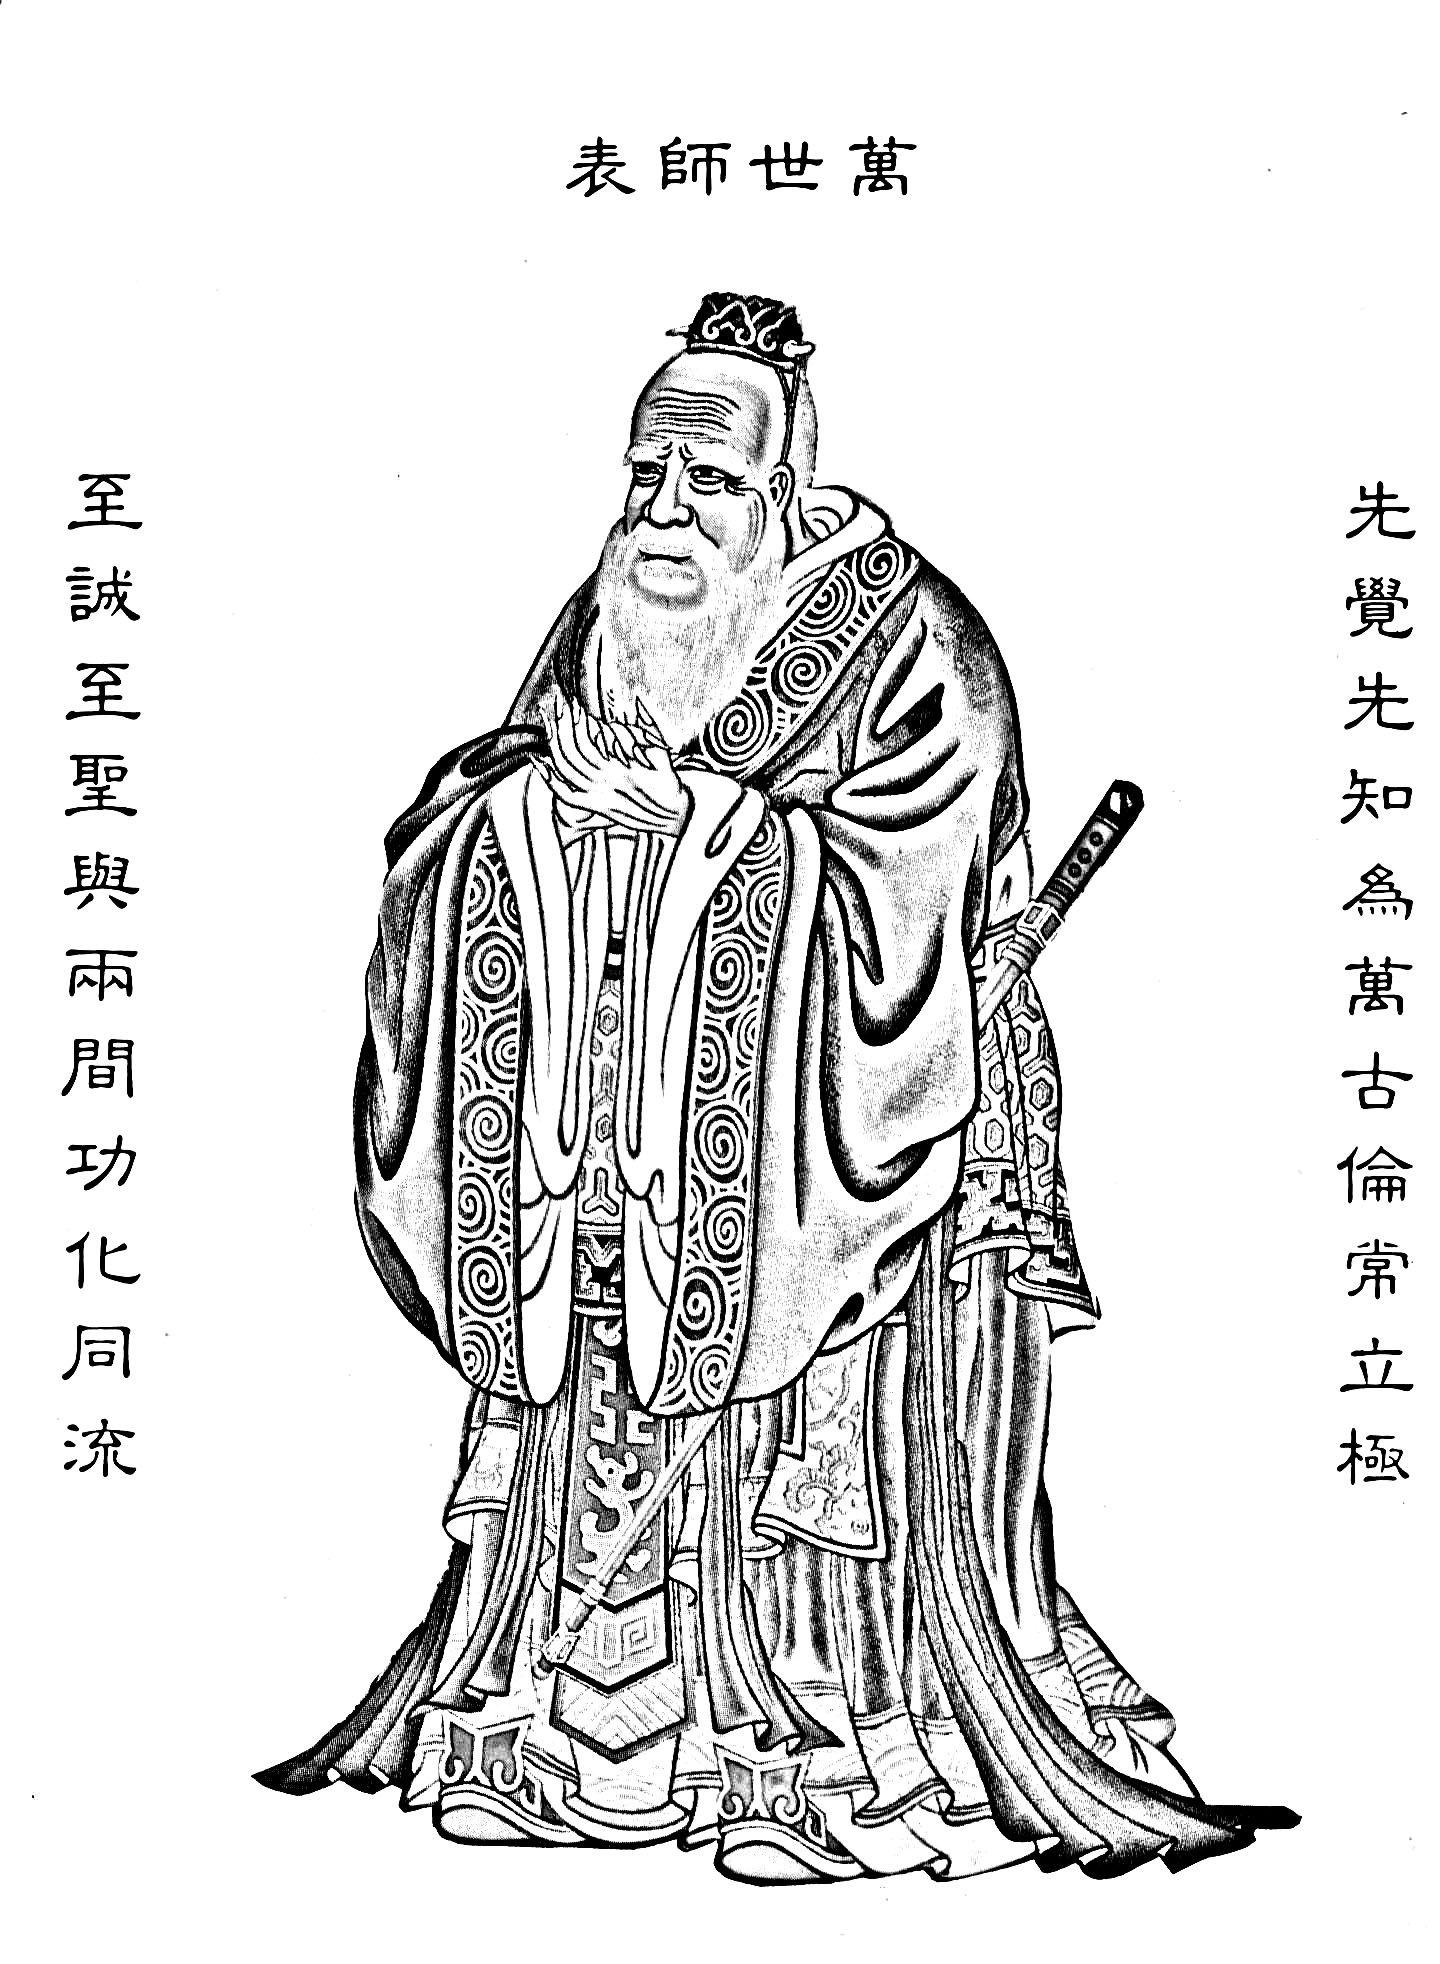 Coloriage De Confucius Personnage Historique Chinois Considere Comme Son Premier Educateur A Partir De La Ga Coloriage Coloriage Difficile Coloriage Chinois